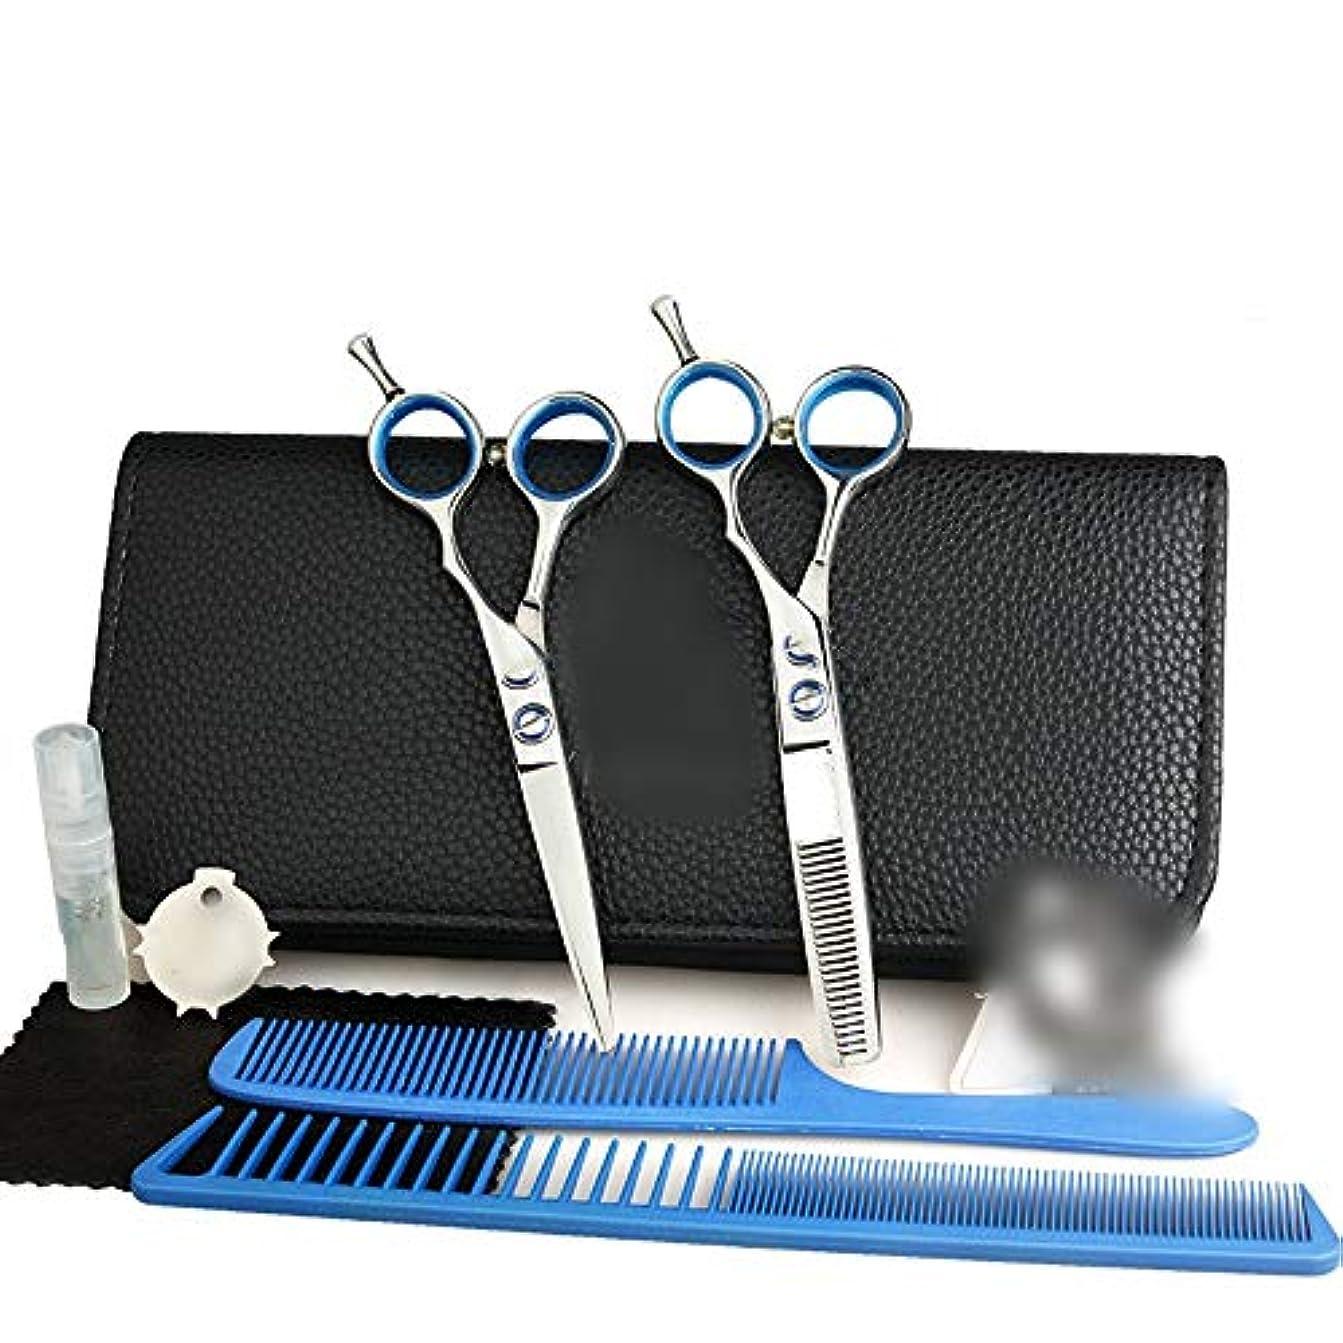 望遠鏡修理可能モールGoodsok-jp 5.5インチ理髪はさみセット、平らな歯のはさみ理髪はさみセット (色 : Silver)